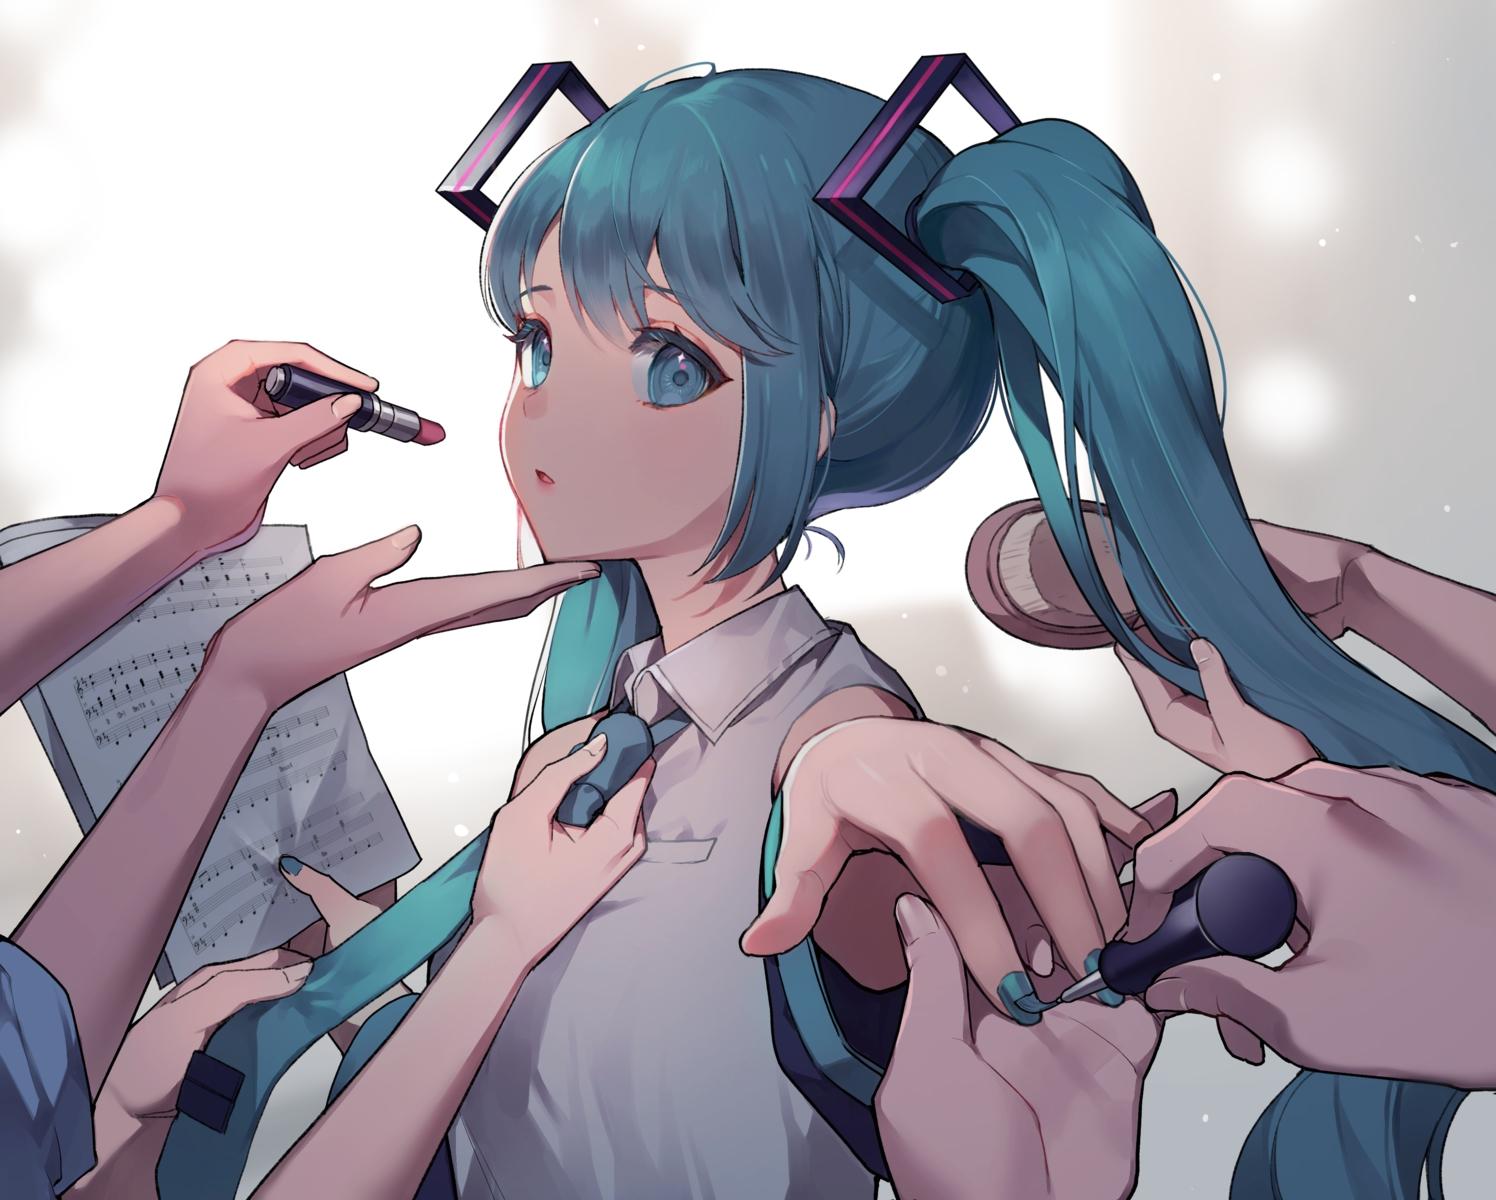 aqua_eyes aqua_hair azit_(down) cropped hatsune_miku long_hair music paper tie twintails vocaloid